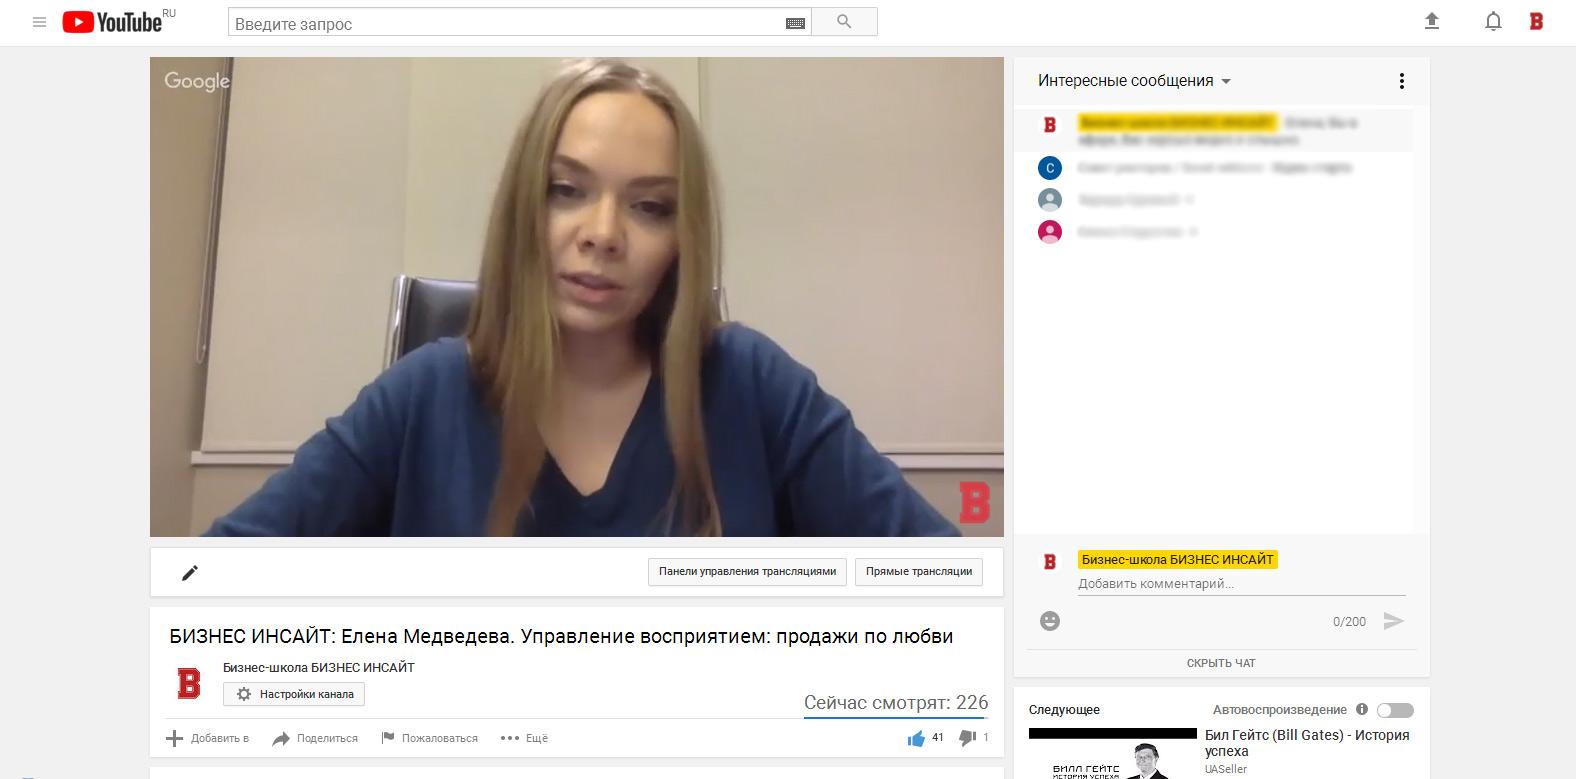 Елена Медведева провела бесплатный вебинар на площадке БИЗНЕС ИНСАЙТ